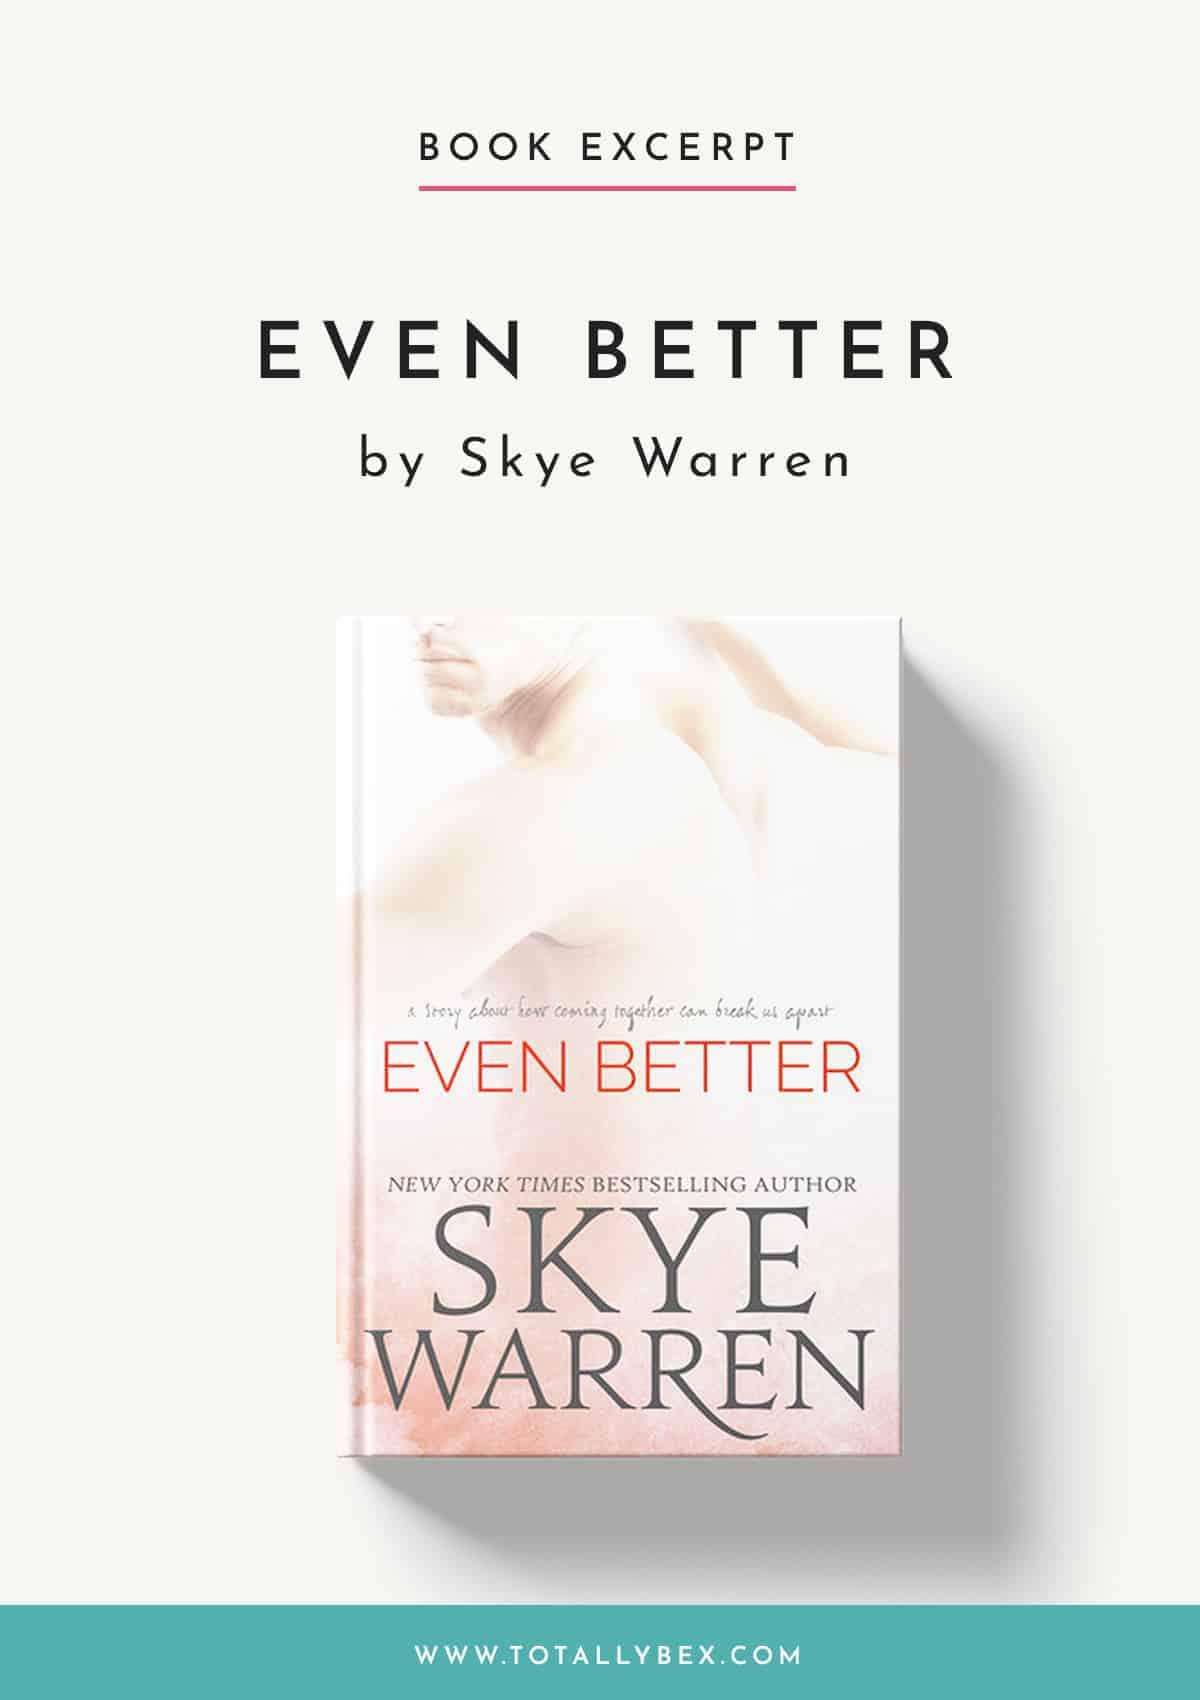 Even Better by Skye Warren-Book Excerpt